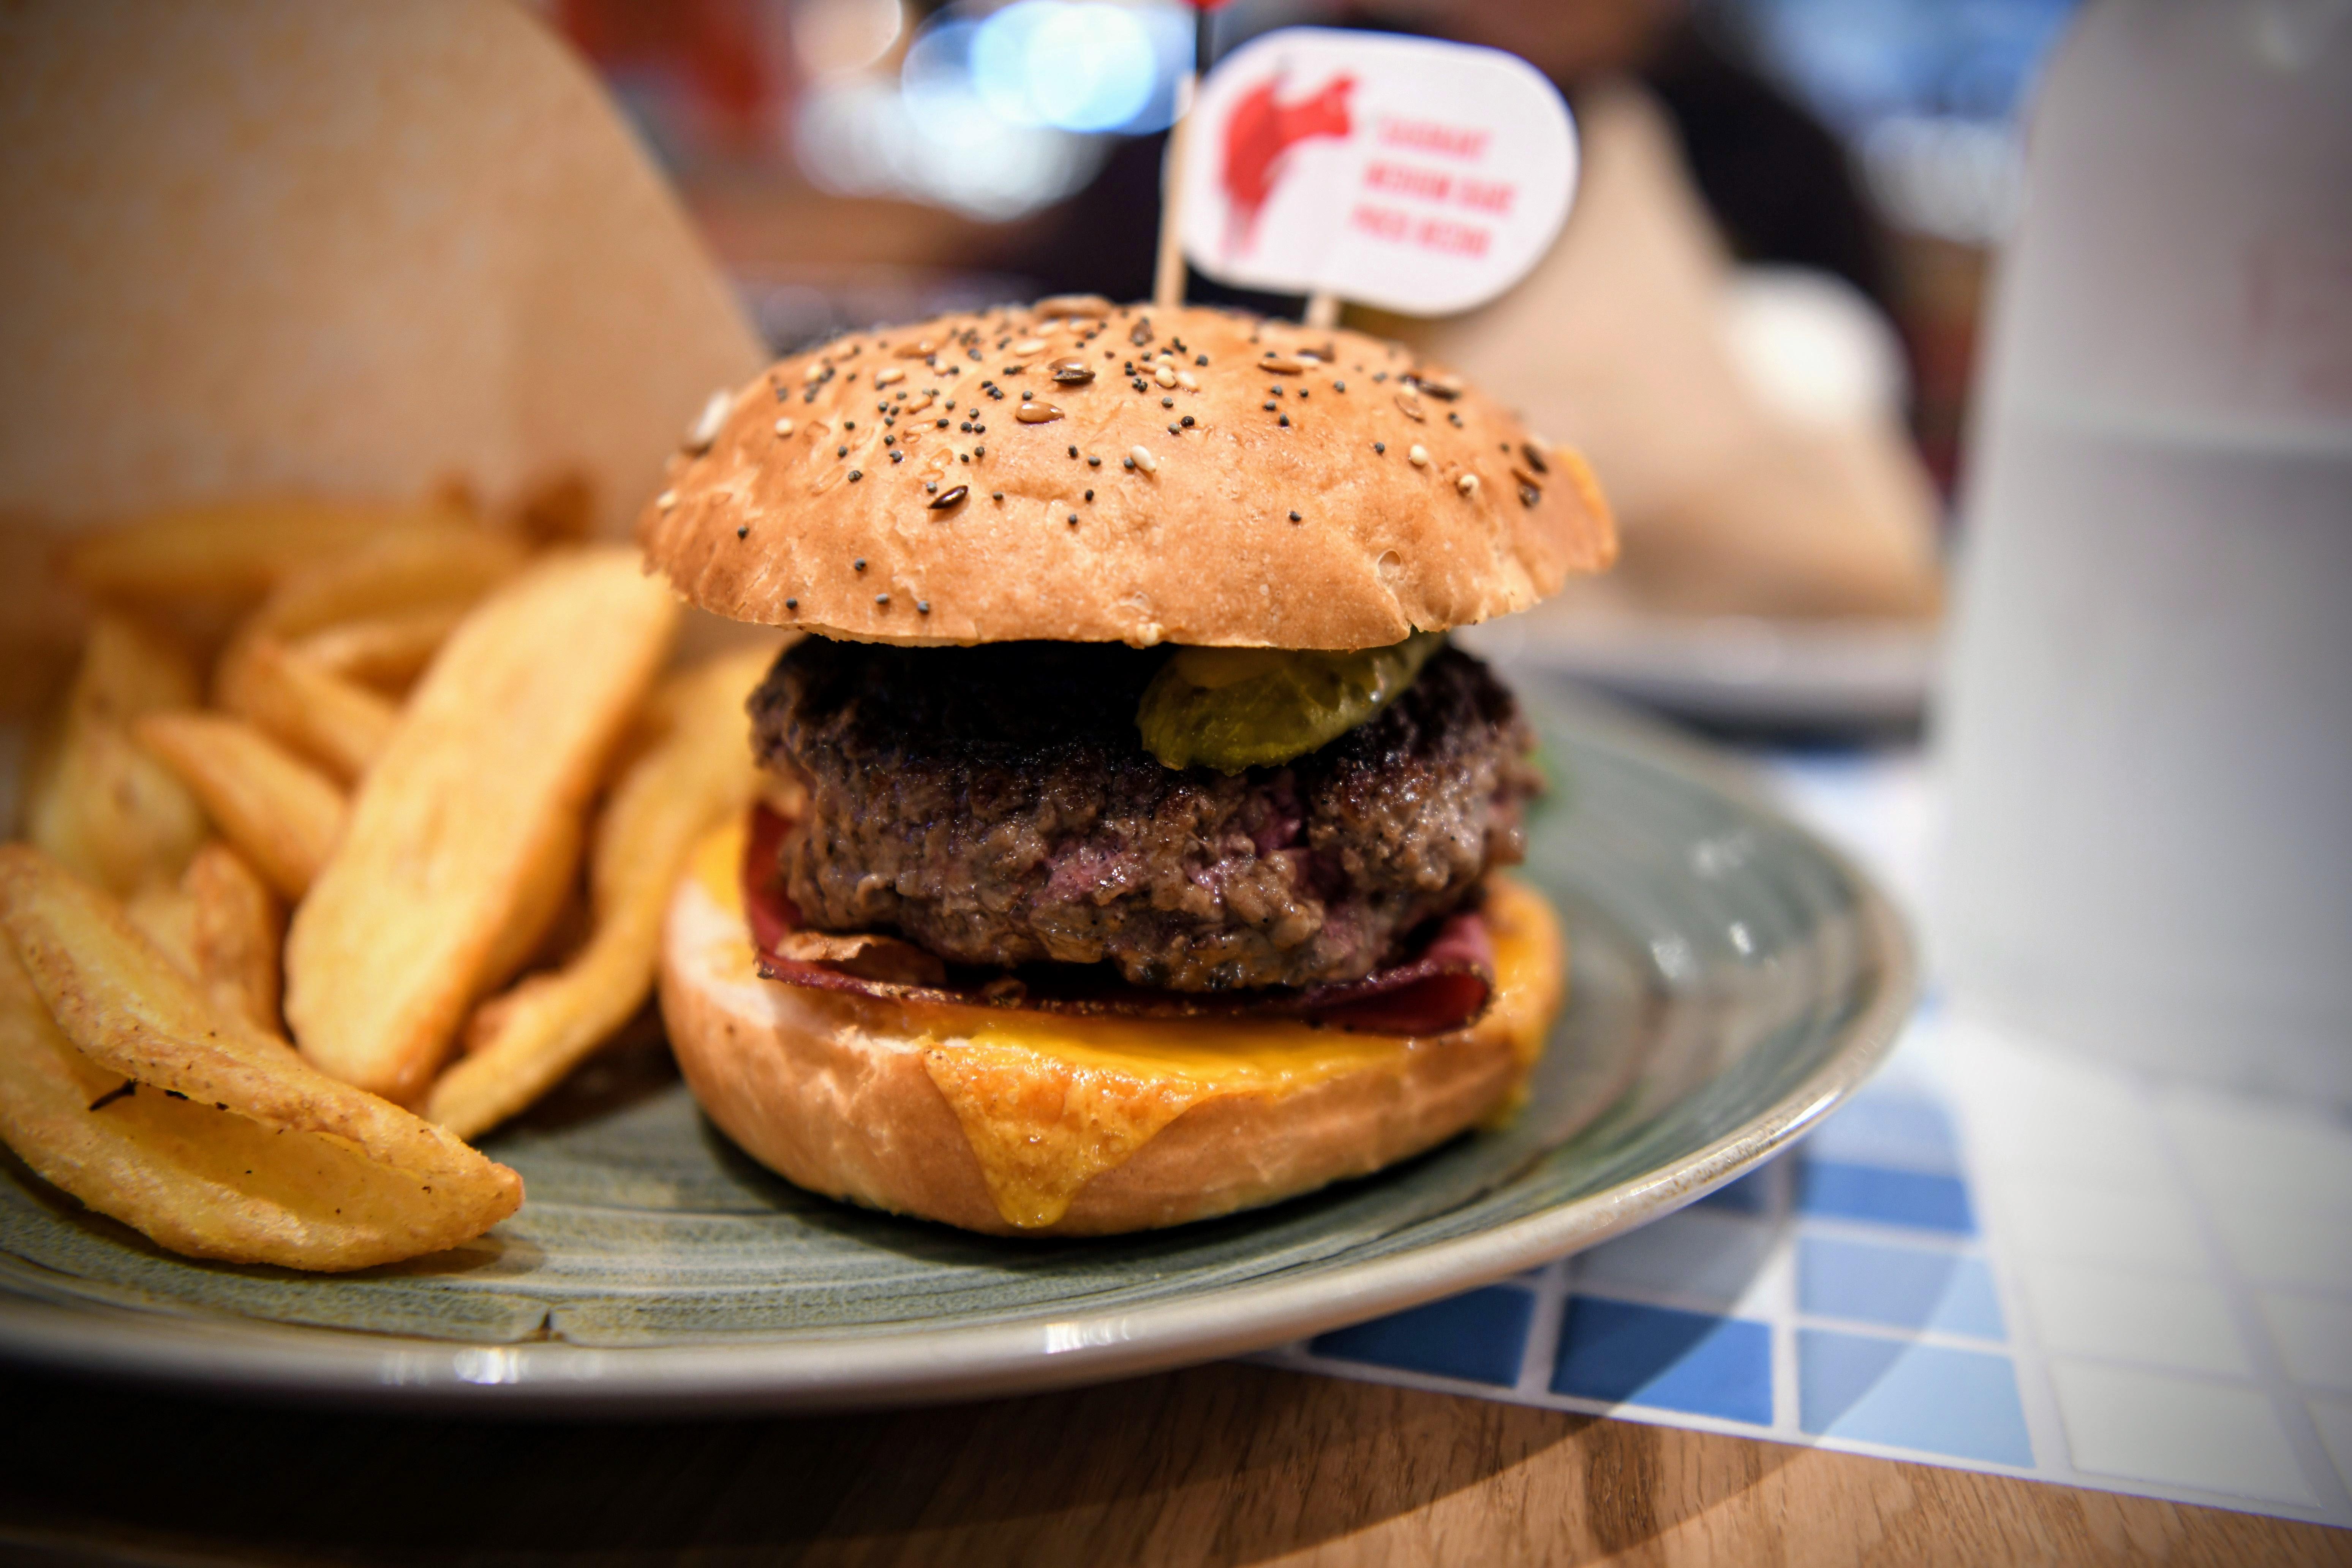 Pain maison, steak haché, sauce ketchup, lard grillé, tomate, cornichon aigre doux, cheddar rouge